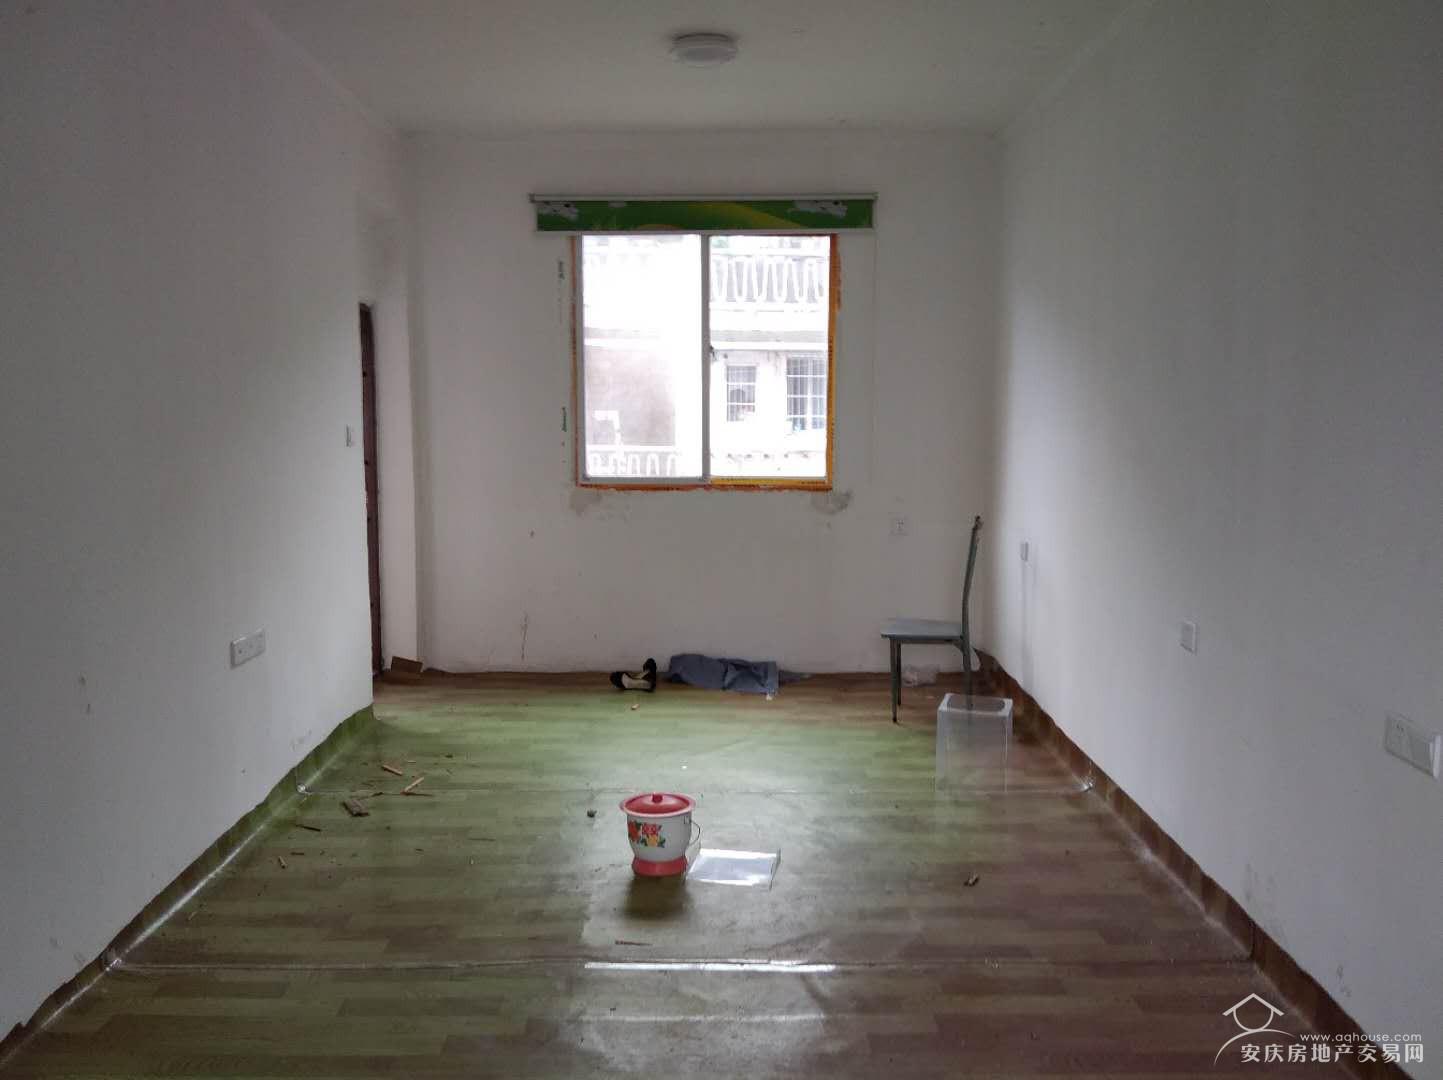 毛纺厂男集宿舍  毛坯4楼 小户型 急售 很有可能拆迁